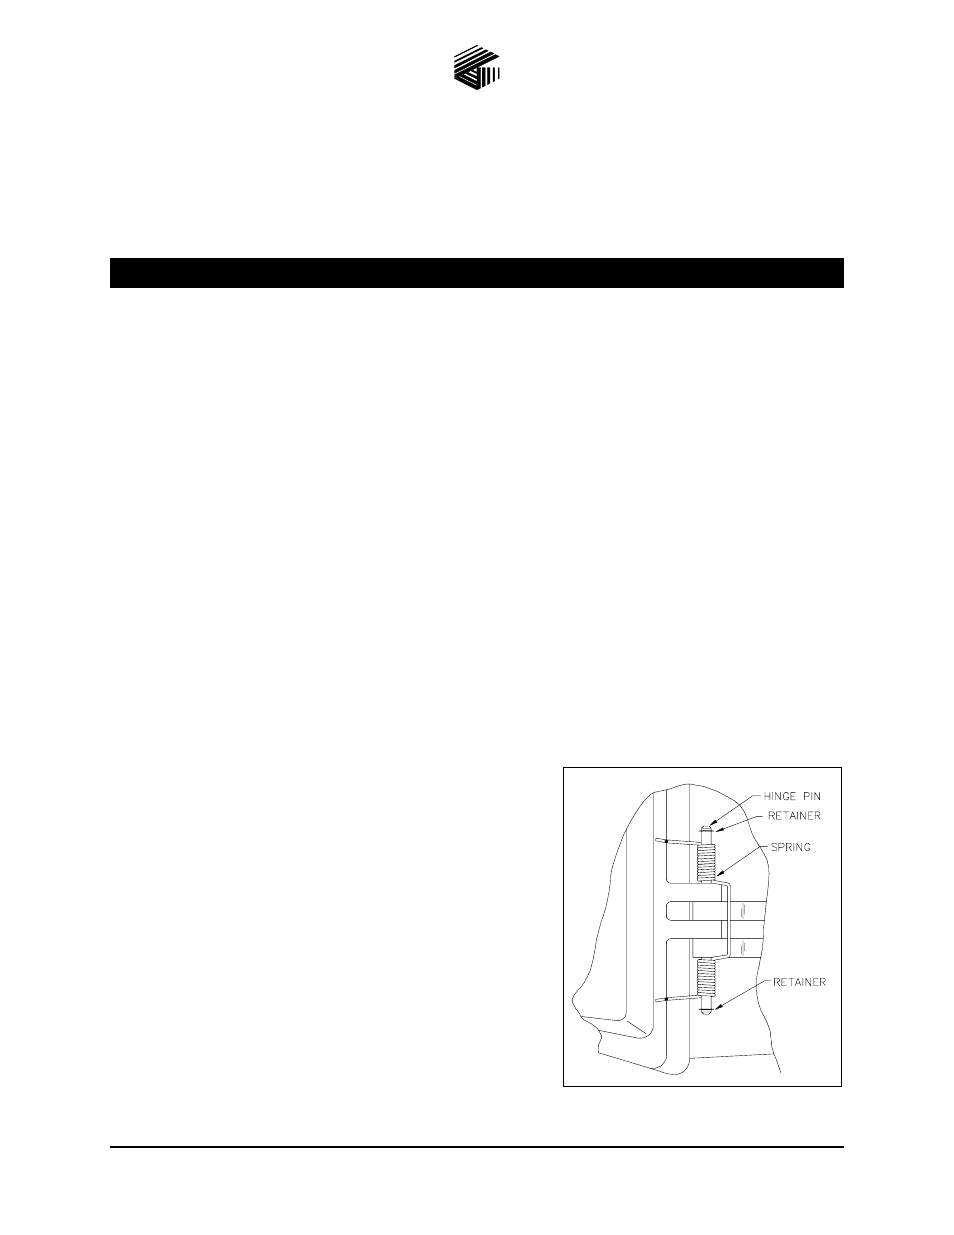 GAI-Tronics 12251-001 Spring Kit User Manual | 2 pages